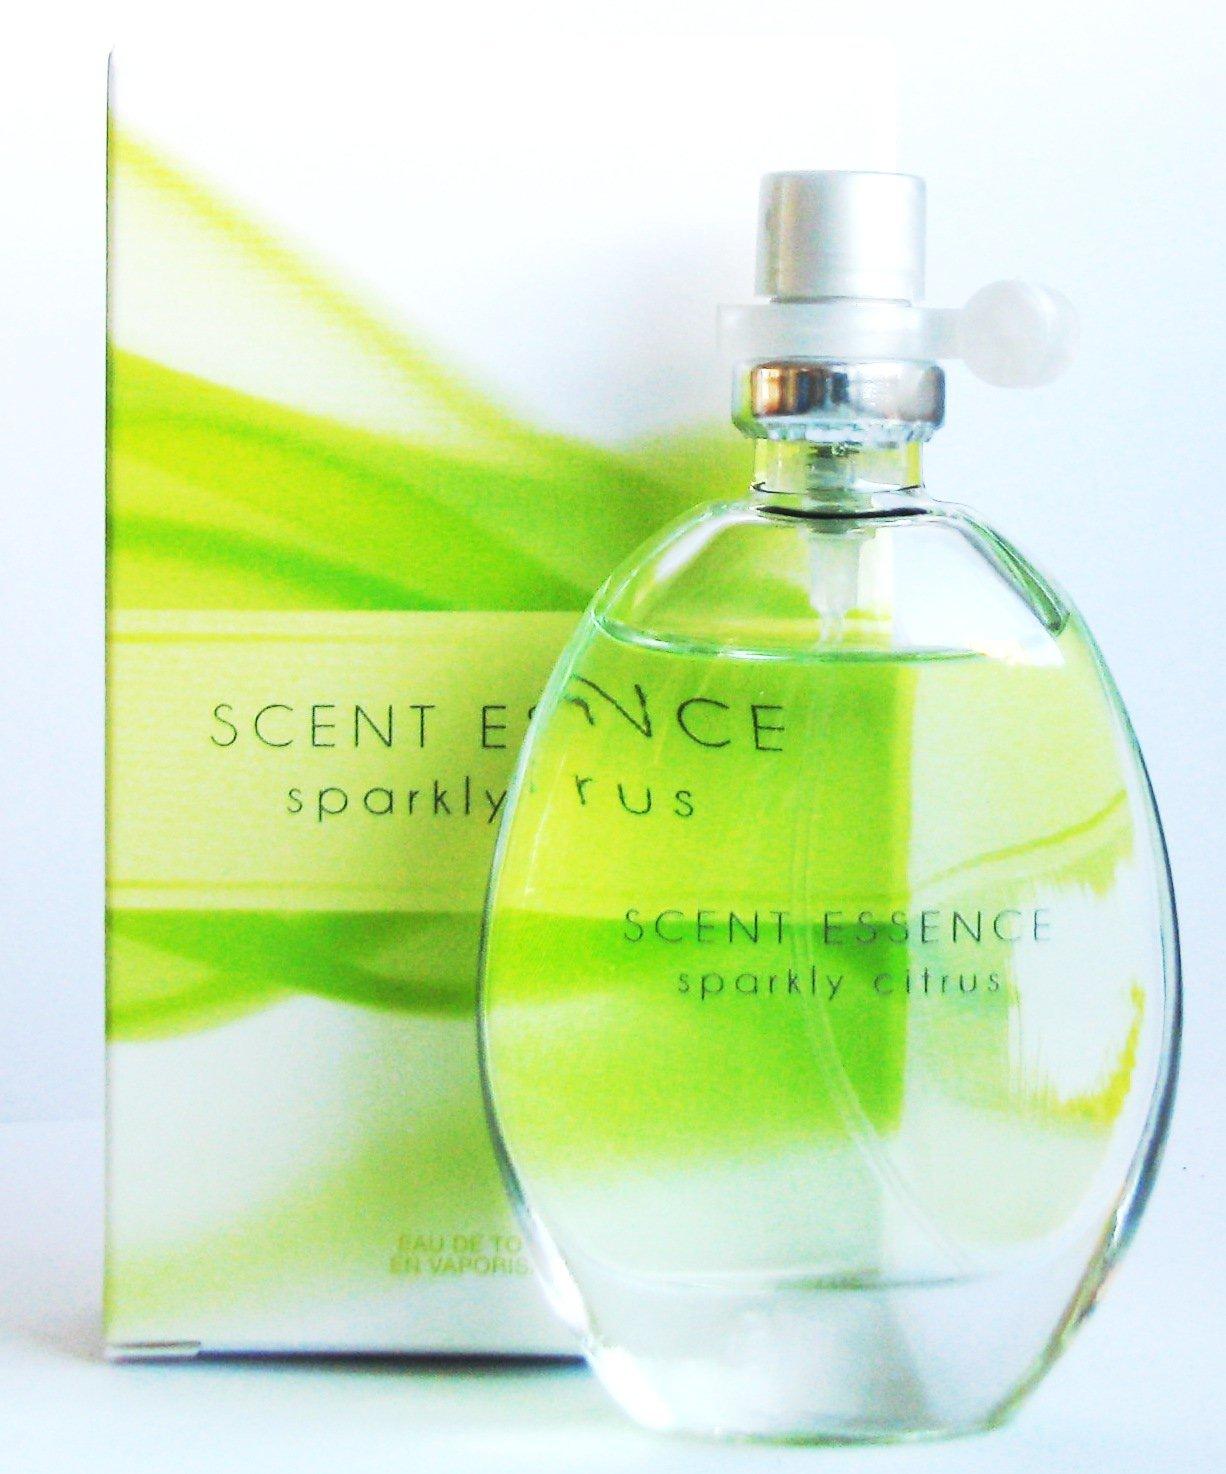 Rewelacyjny Avon Scent Essence Sparkly Citrus Eau de Toilette For Women 30ml GS72